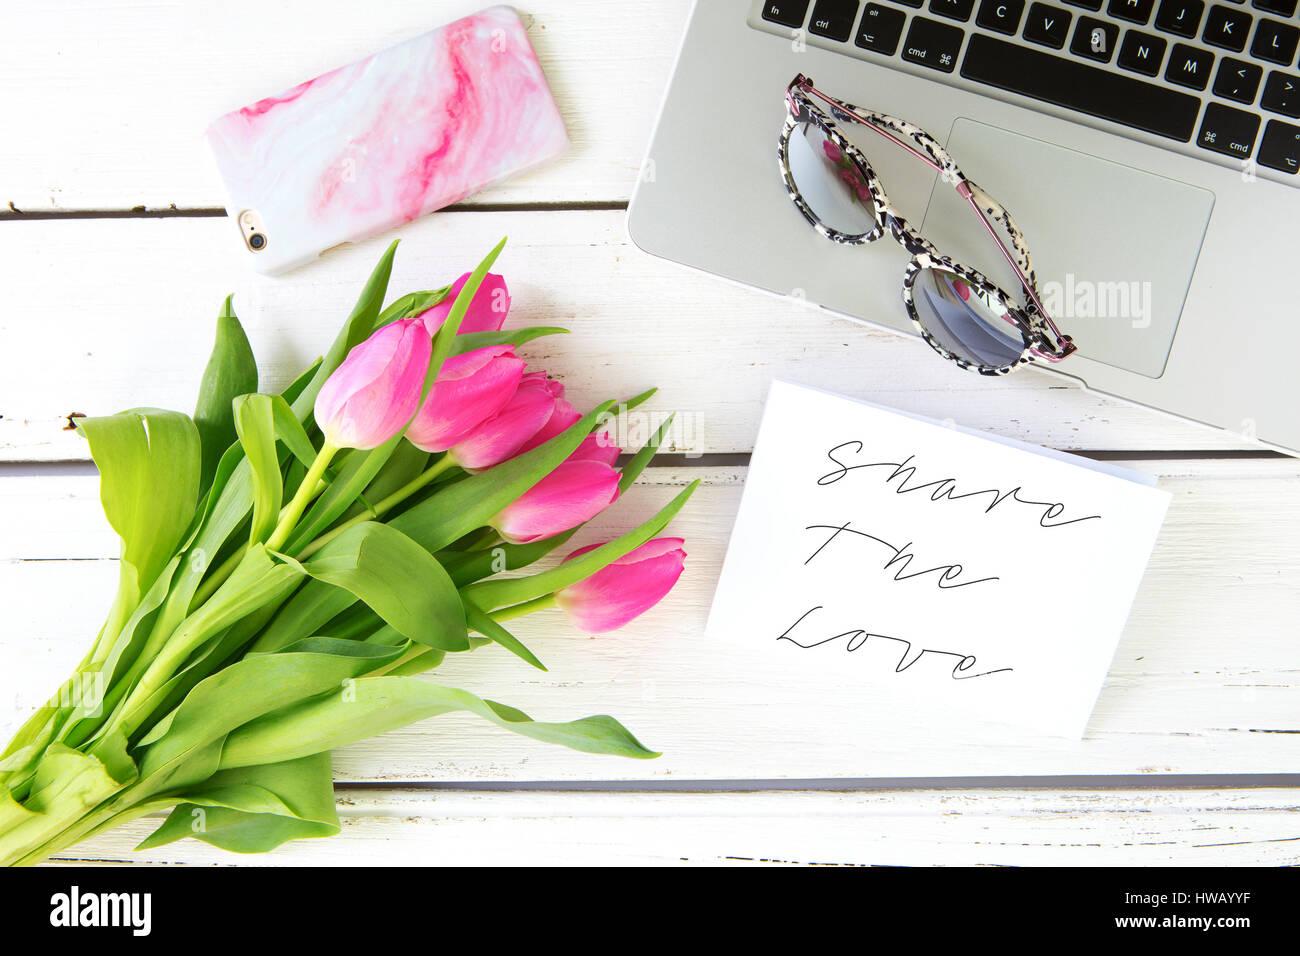 Compartir el mensaje de amor con tulipanes rosa sobre un fondo de madera blanca Imagen De Stock